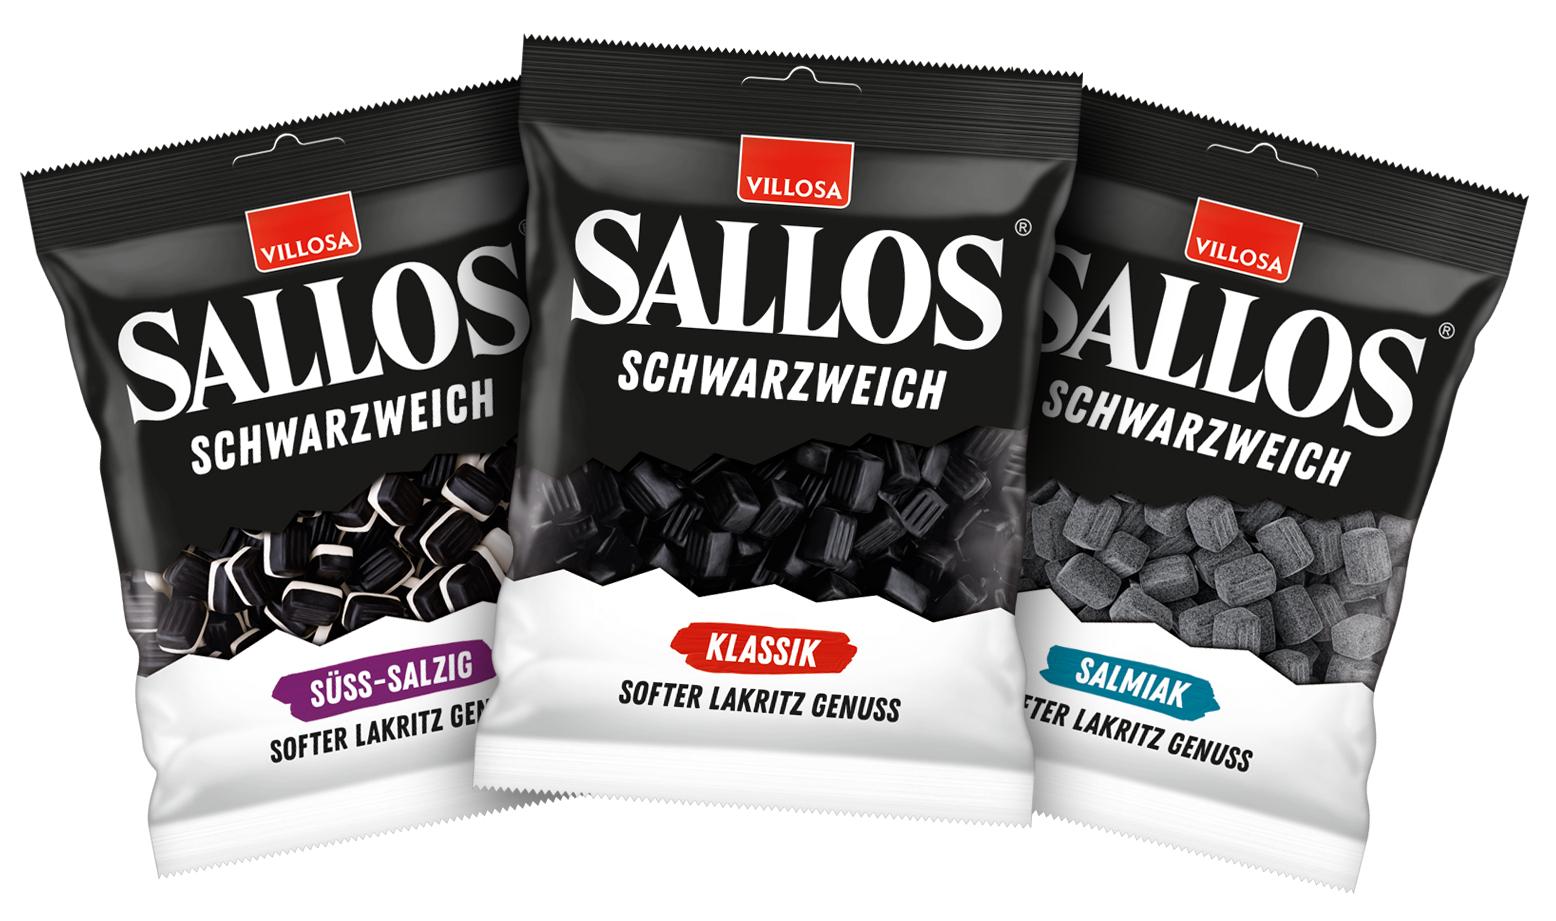 SALLOS – Versandkostenfreie Lieferung ab 5 €